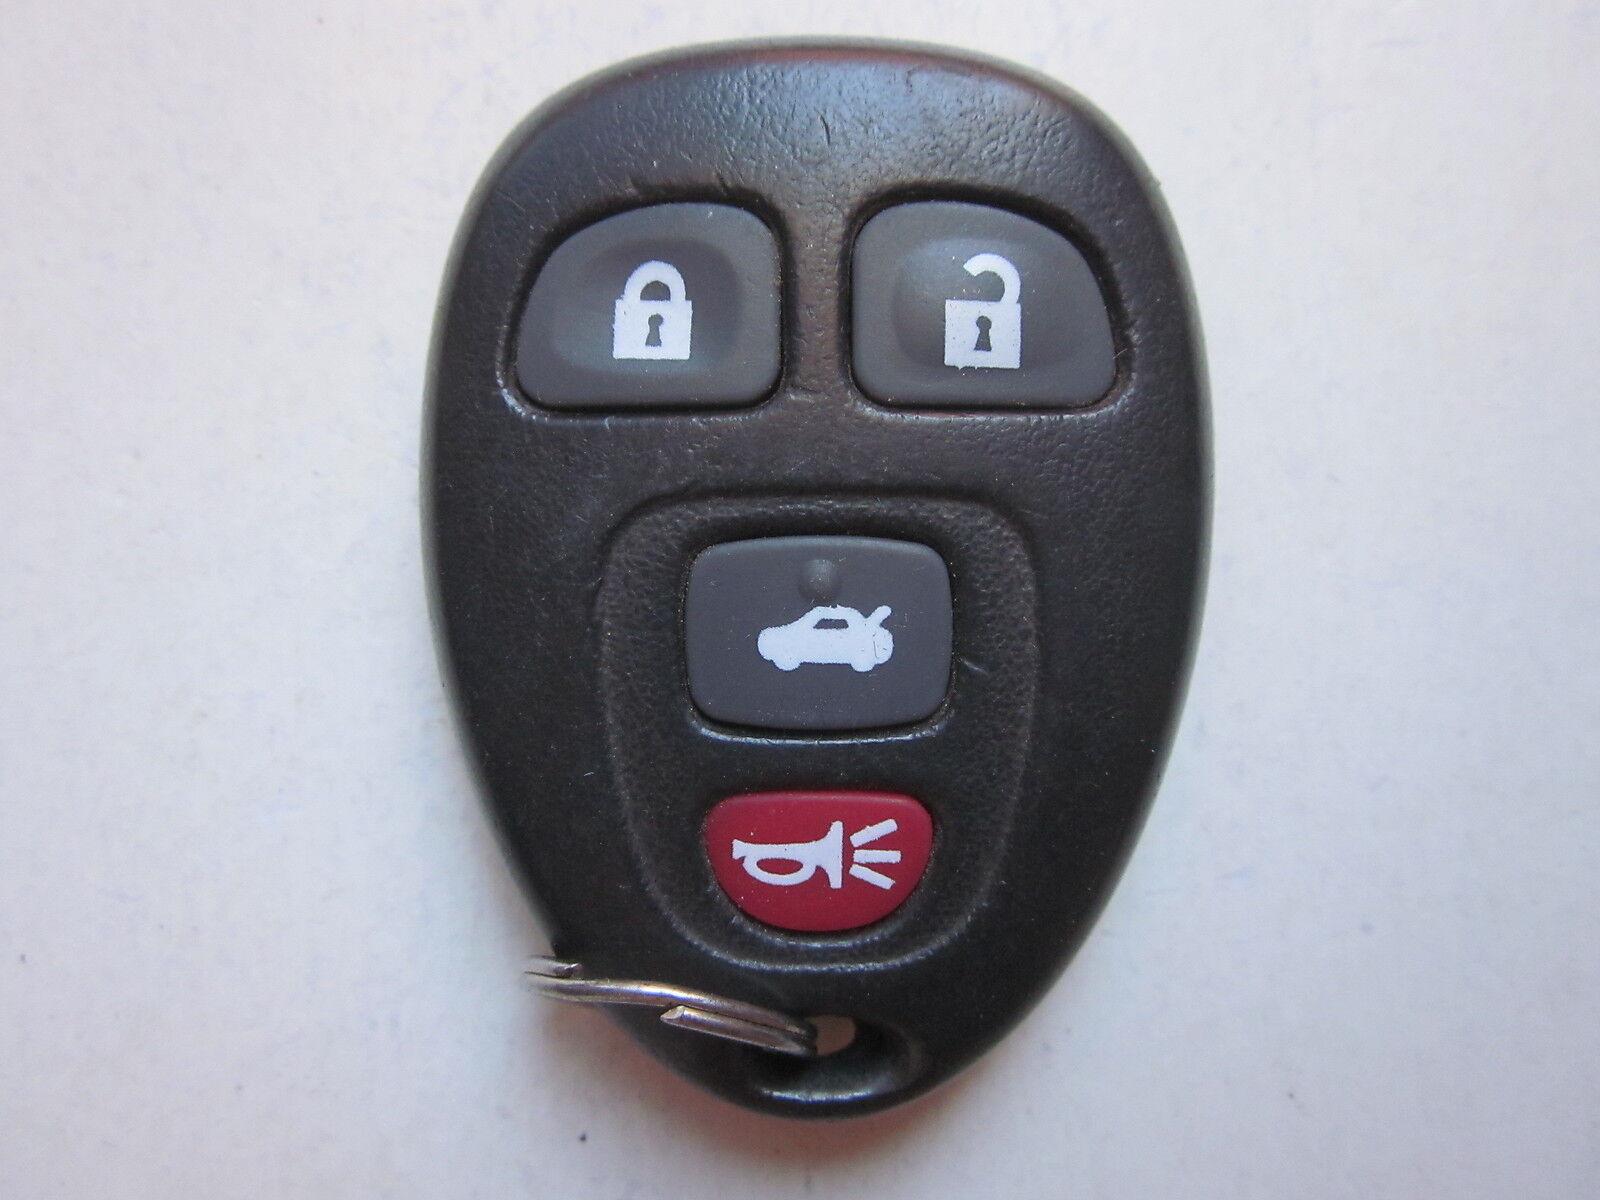 Oem Gm Keyless Remote Entry Key Fob Transmitter Alarm